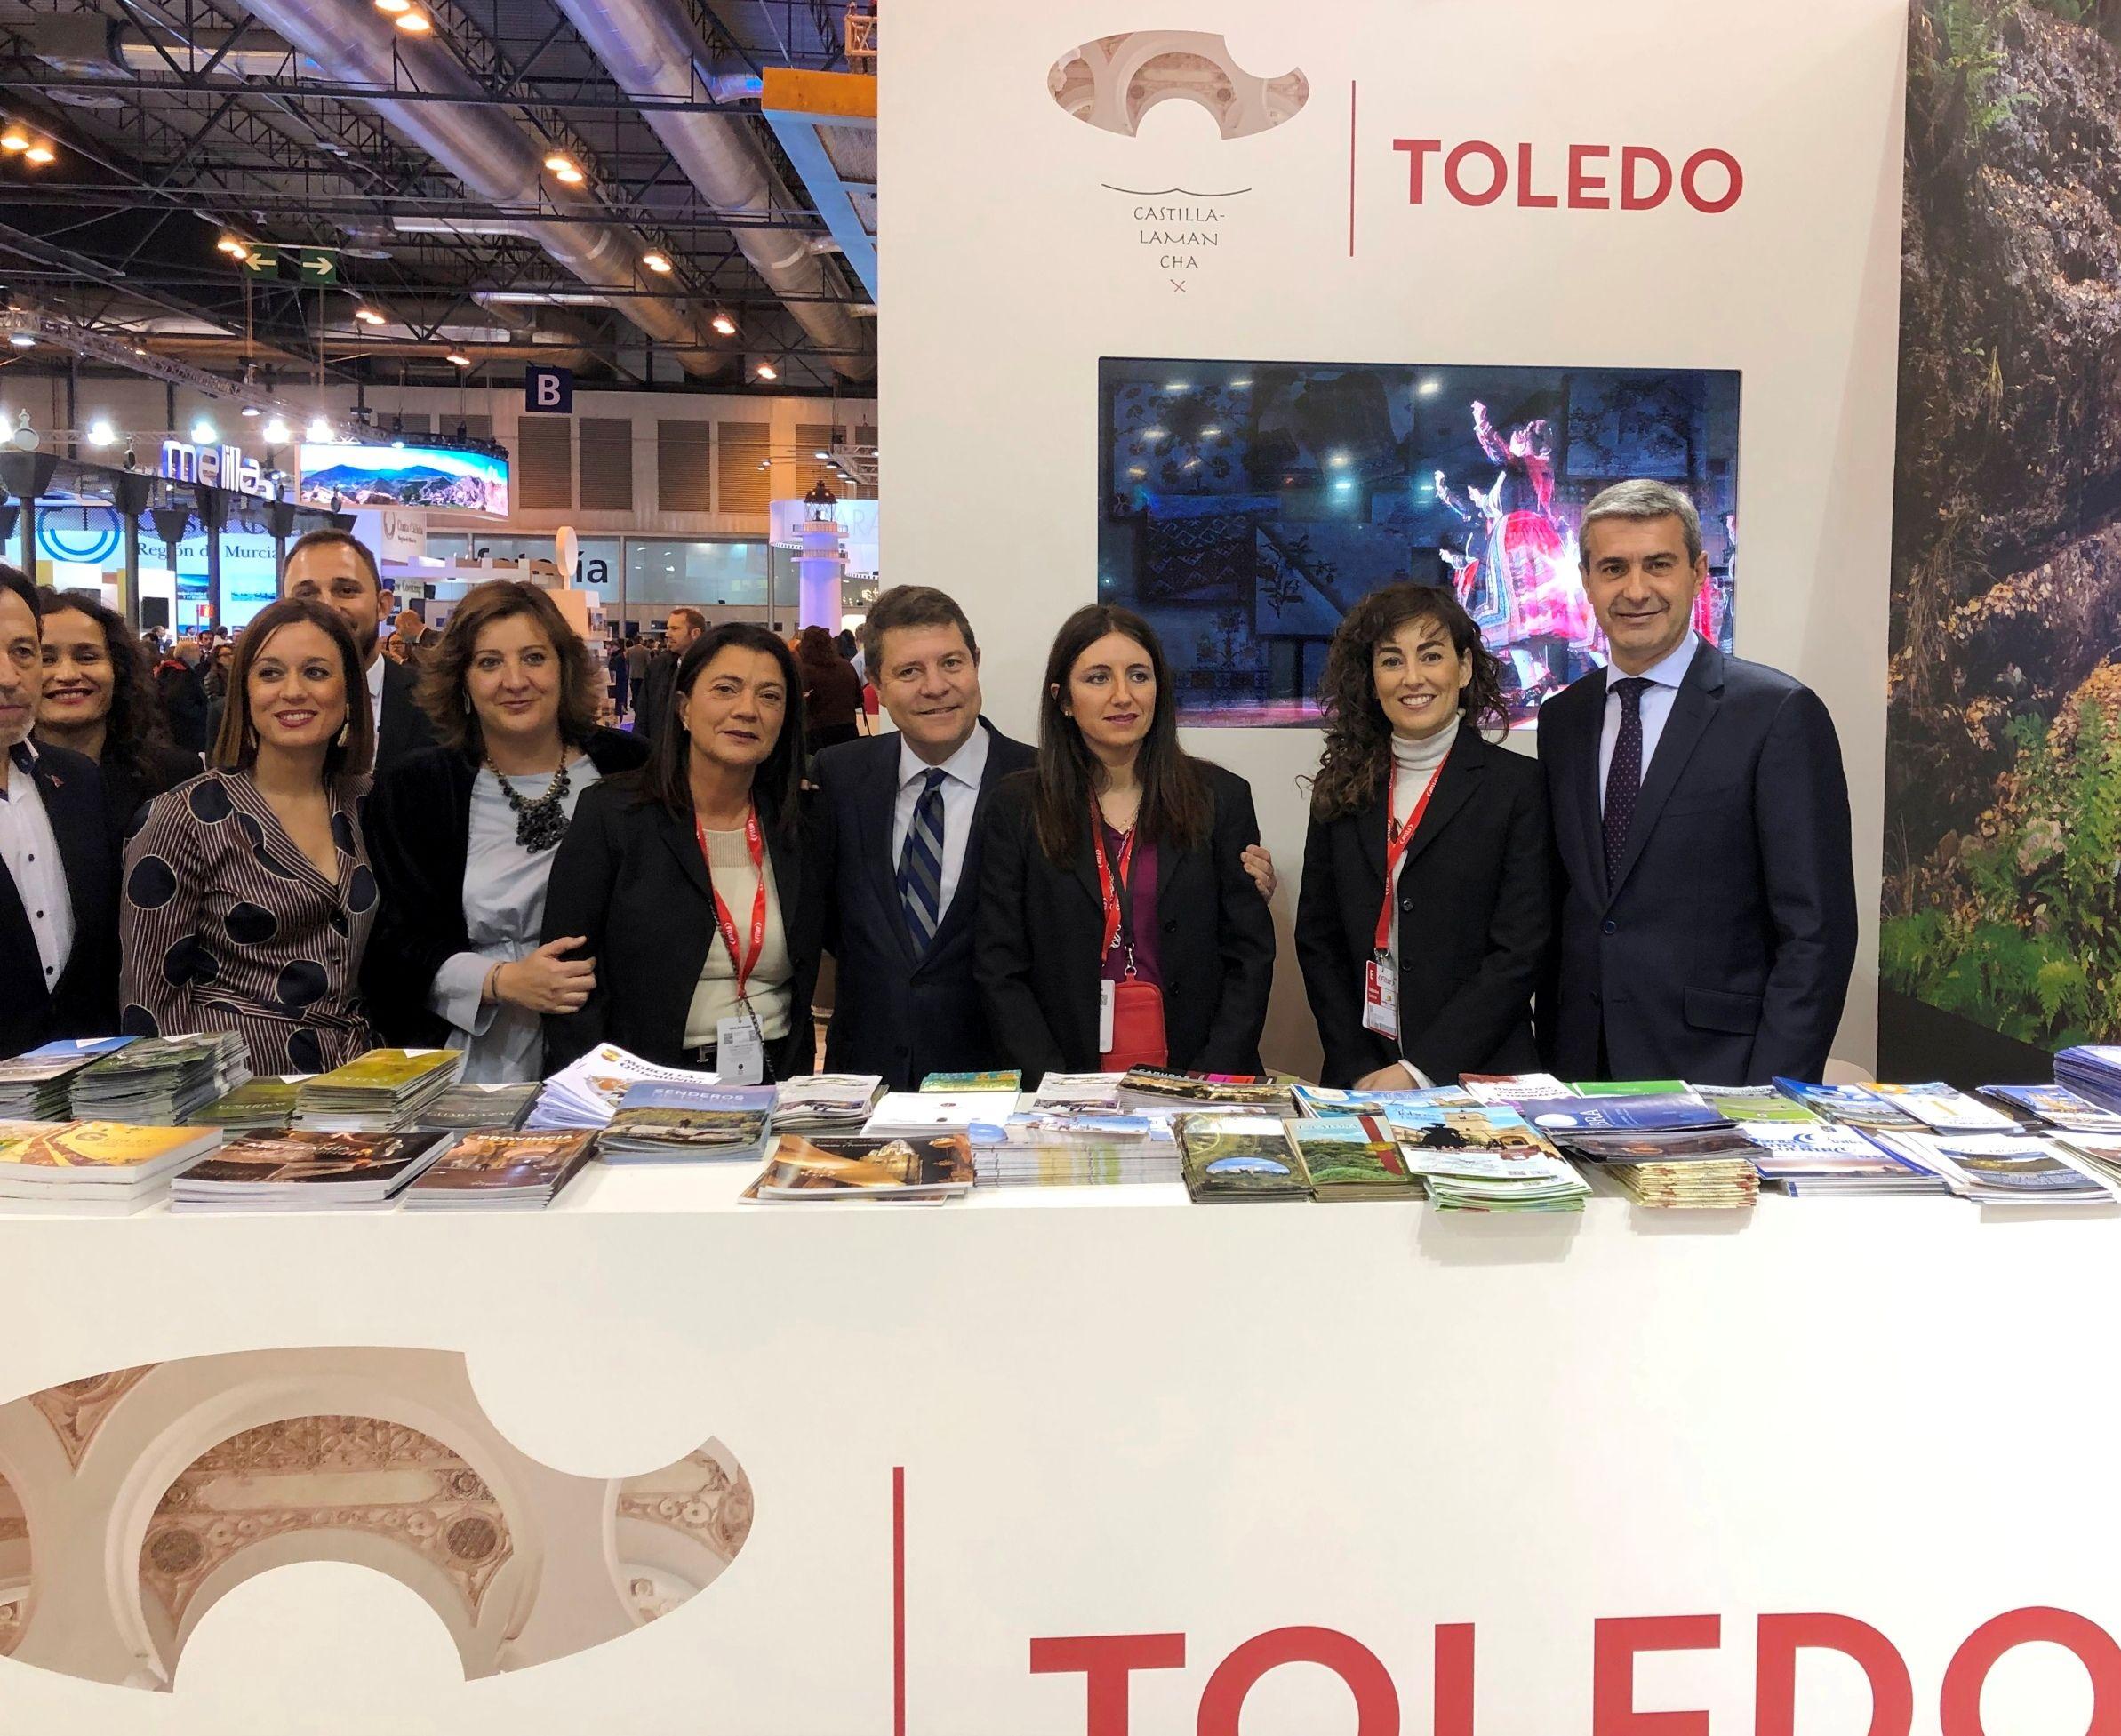 El Gobierno de la Diputación facilita la presencia de los municipios toledanos en FITUR 2020